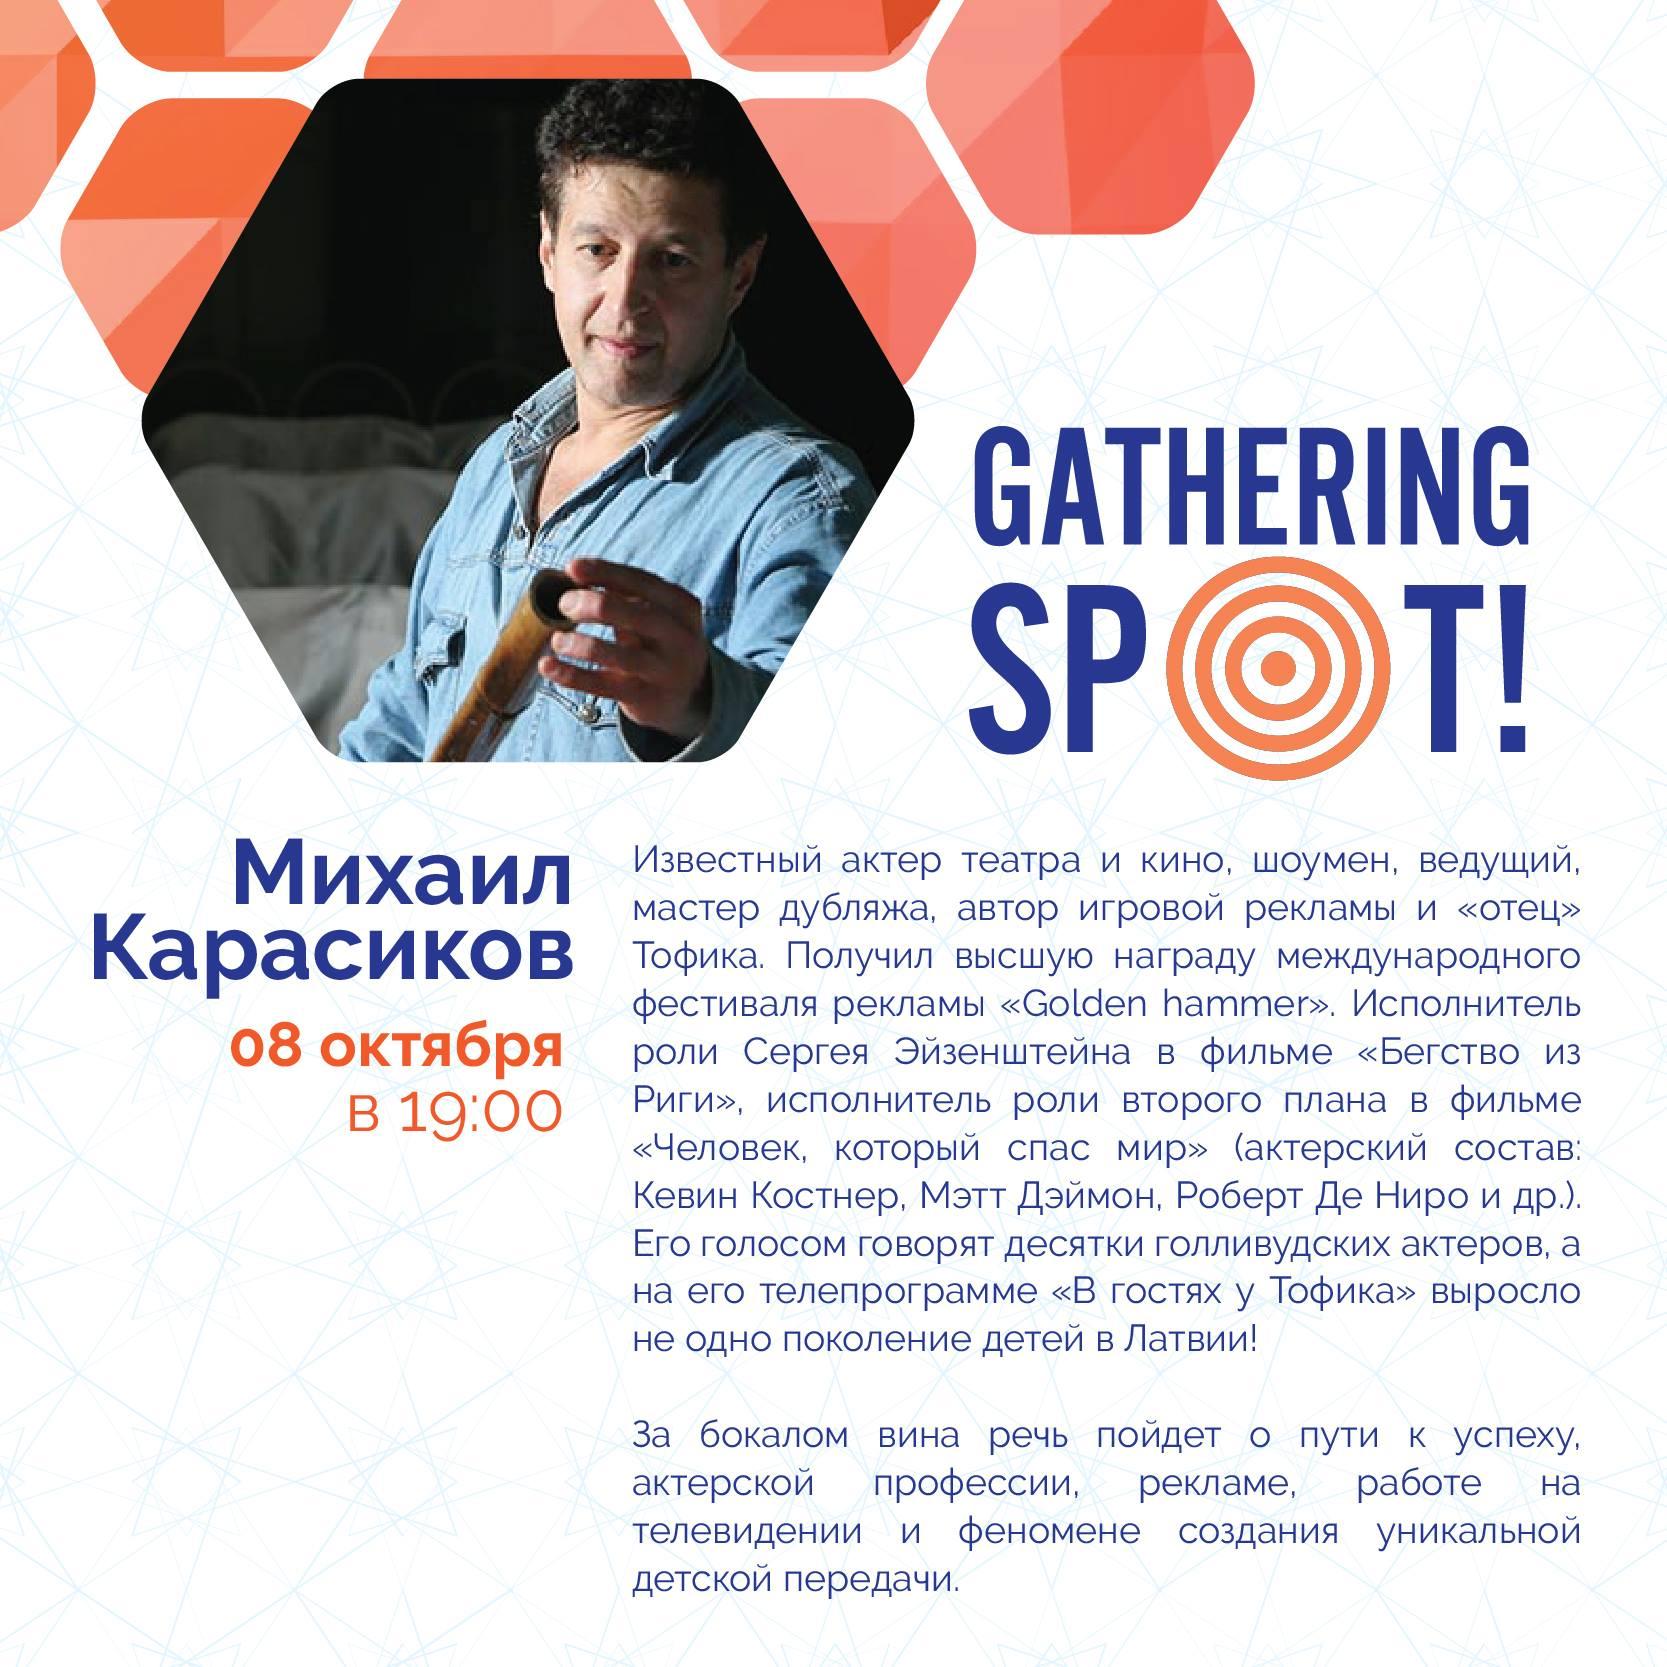 Встреча с Михаилом Карасиковым